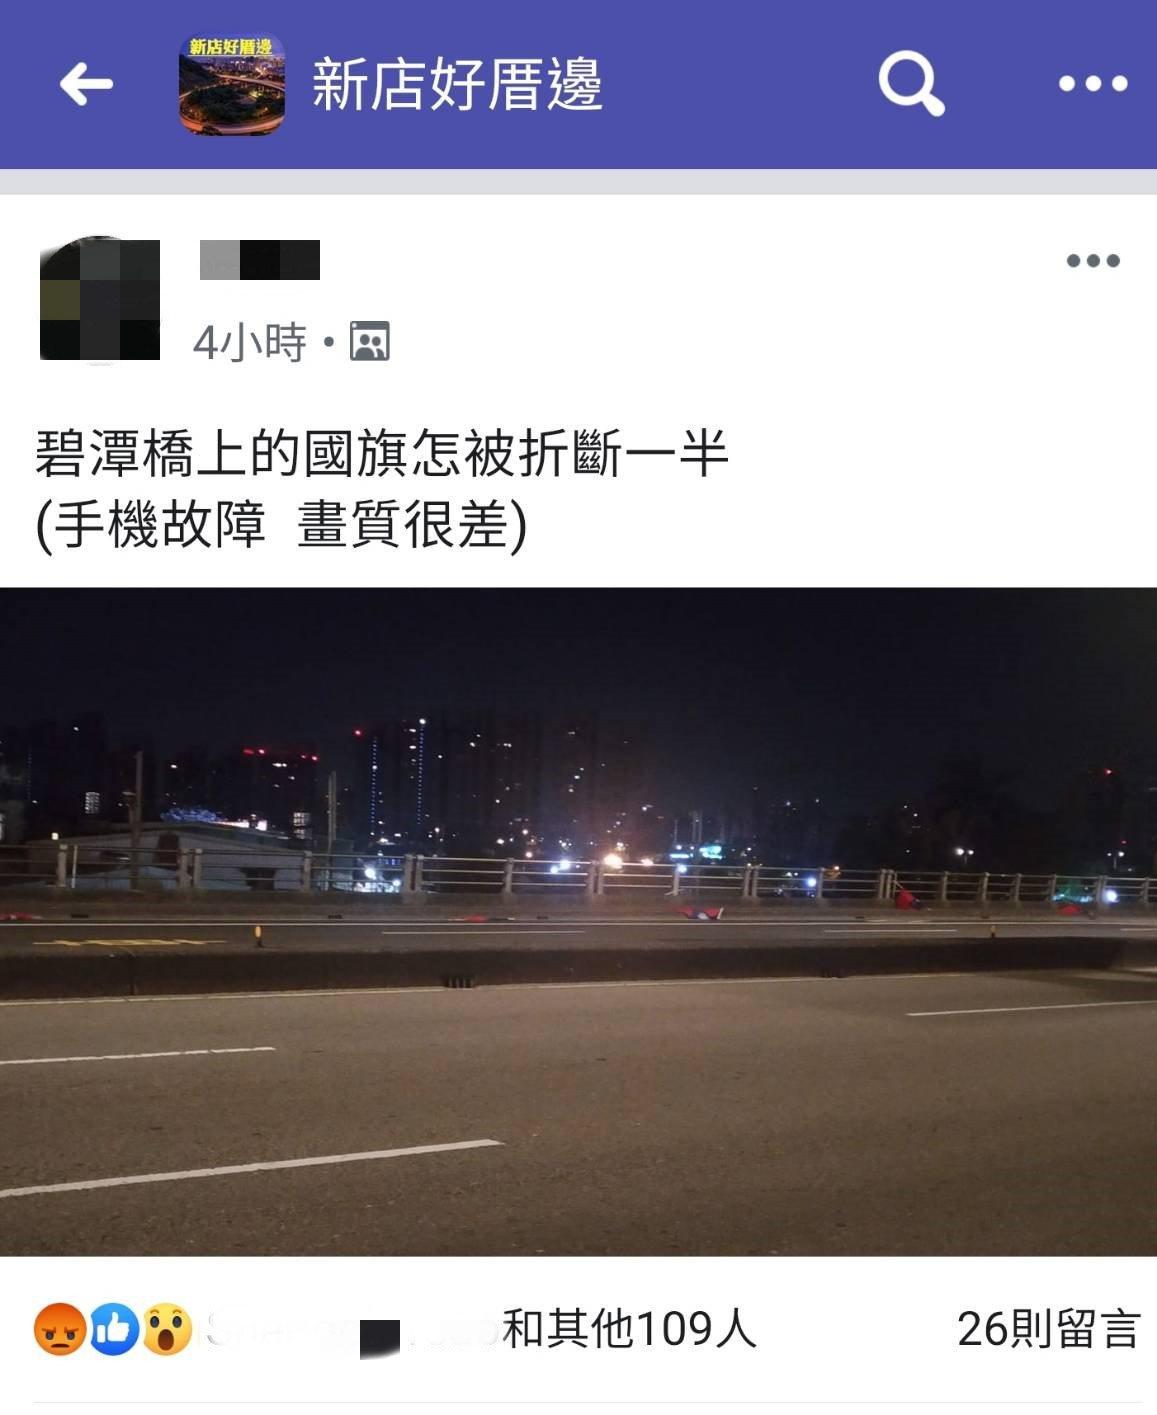 有路過民眾發現橋墩上的國旗遭人破壞,拍下照片PO網詢問。記者柯毓庭/翻攝自臉書社...